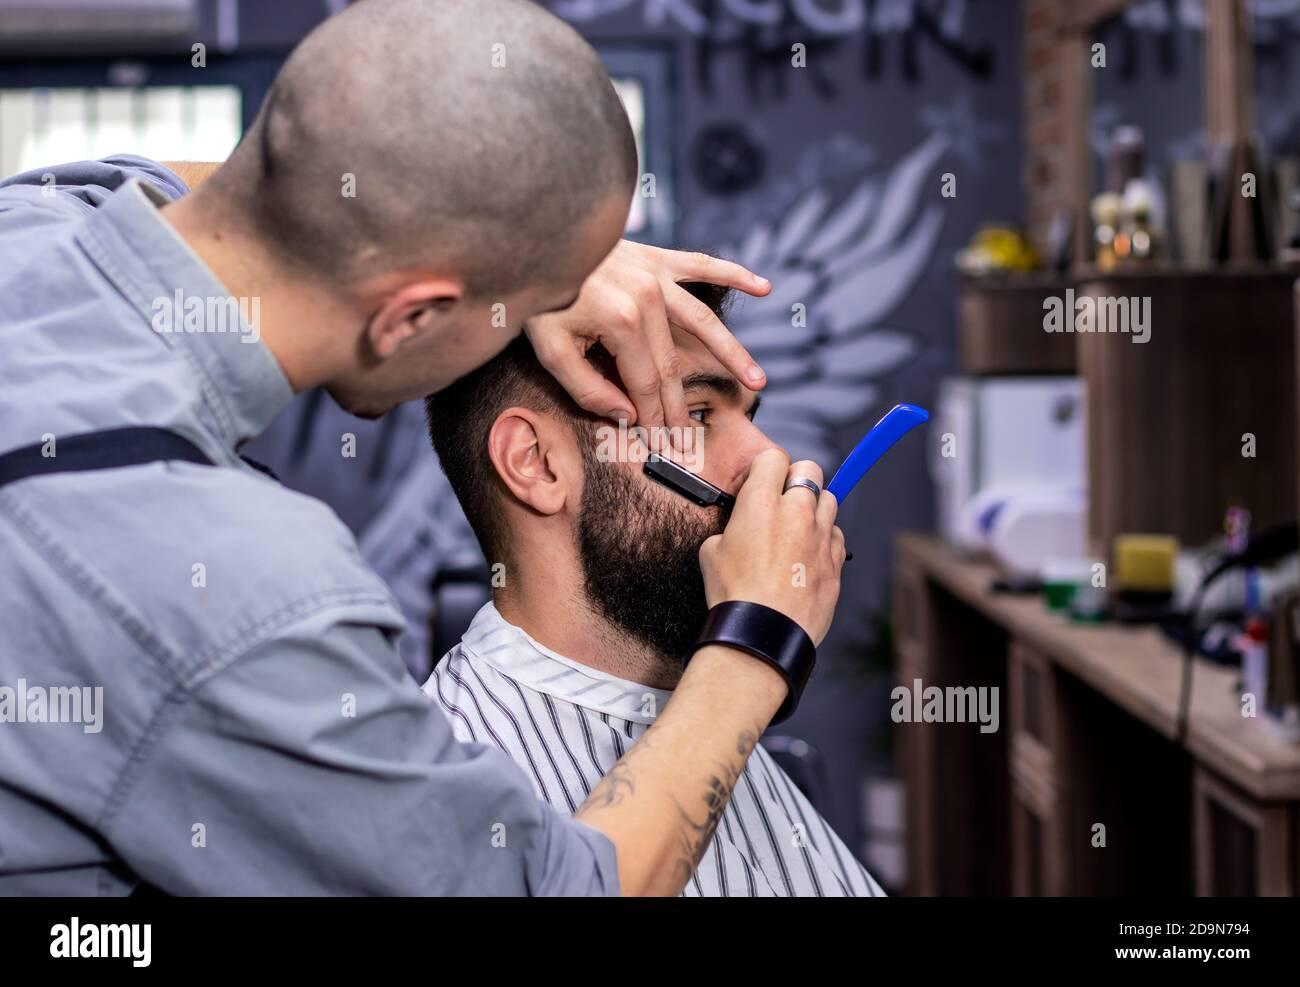 Joven hombre barbudo que se cortó el pelo por profesional en la moderna barbería. Barba y patillas afeitarse y dar forma con la navaja de afeitar clásica recta. Miembro. Foto de stock